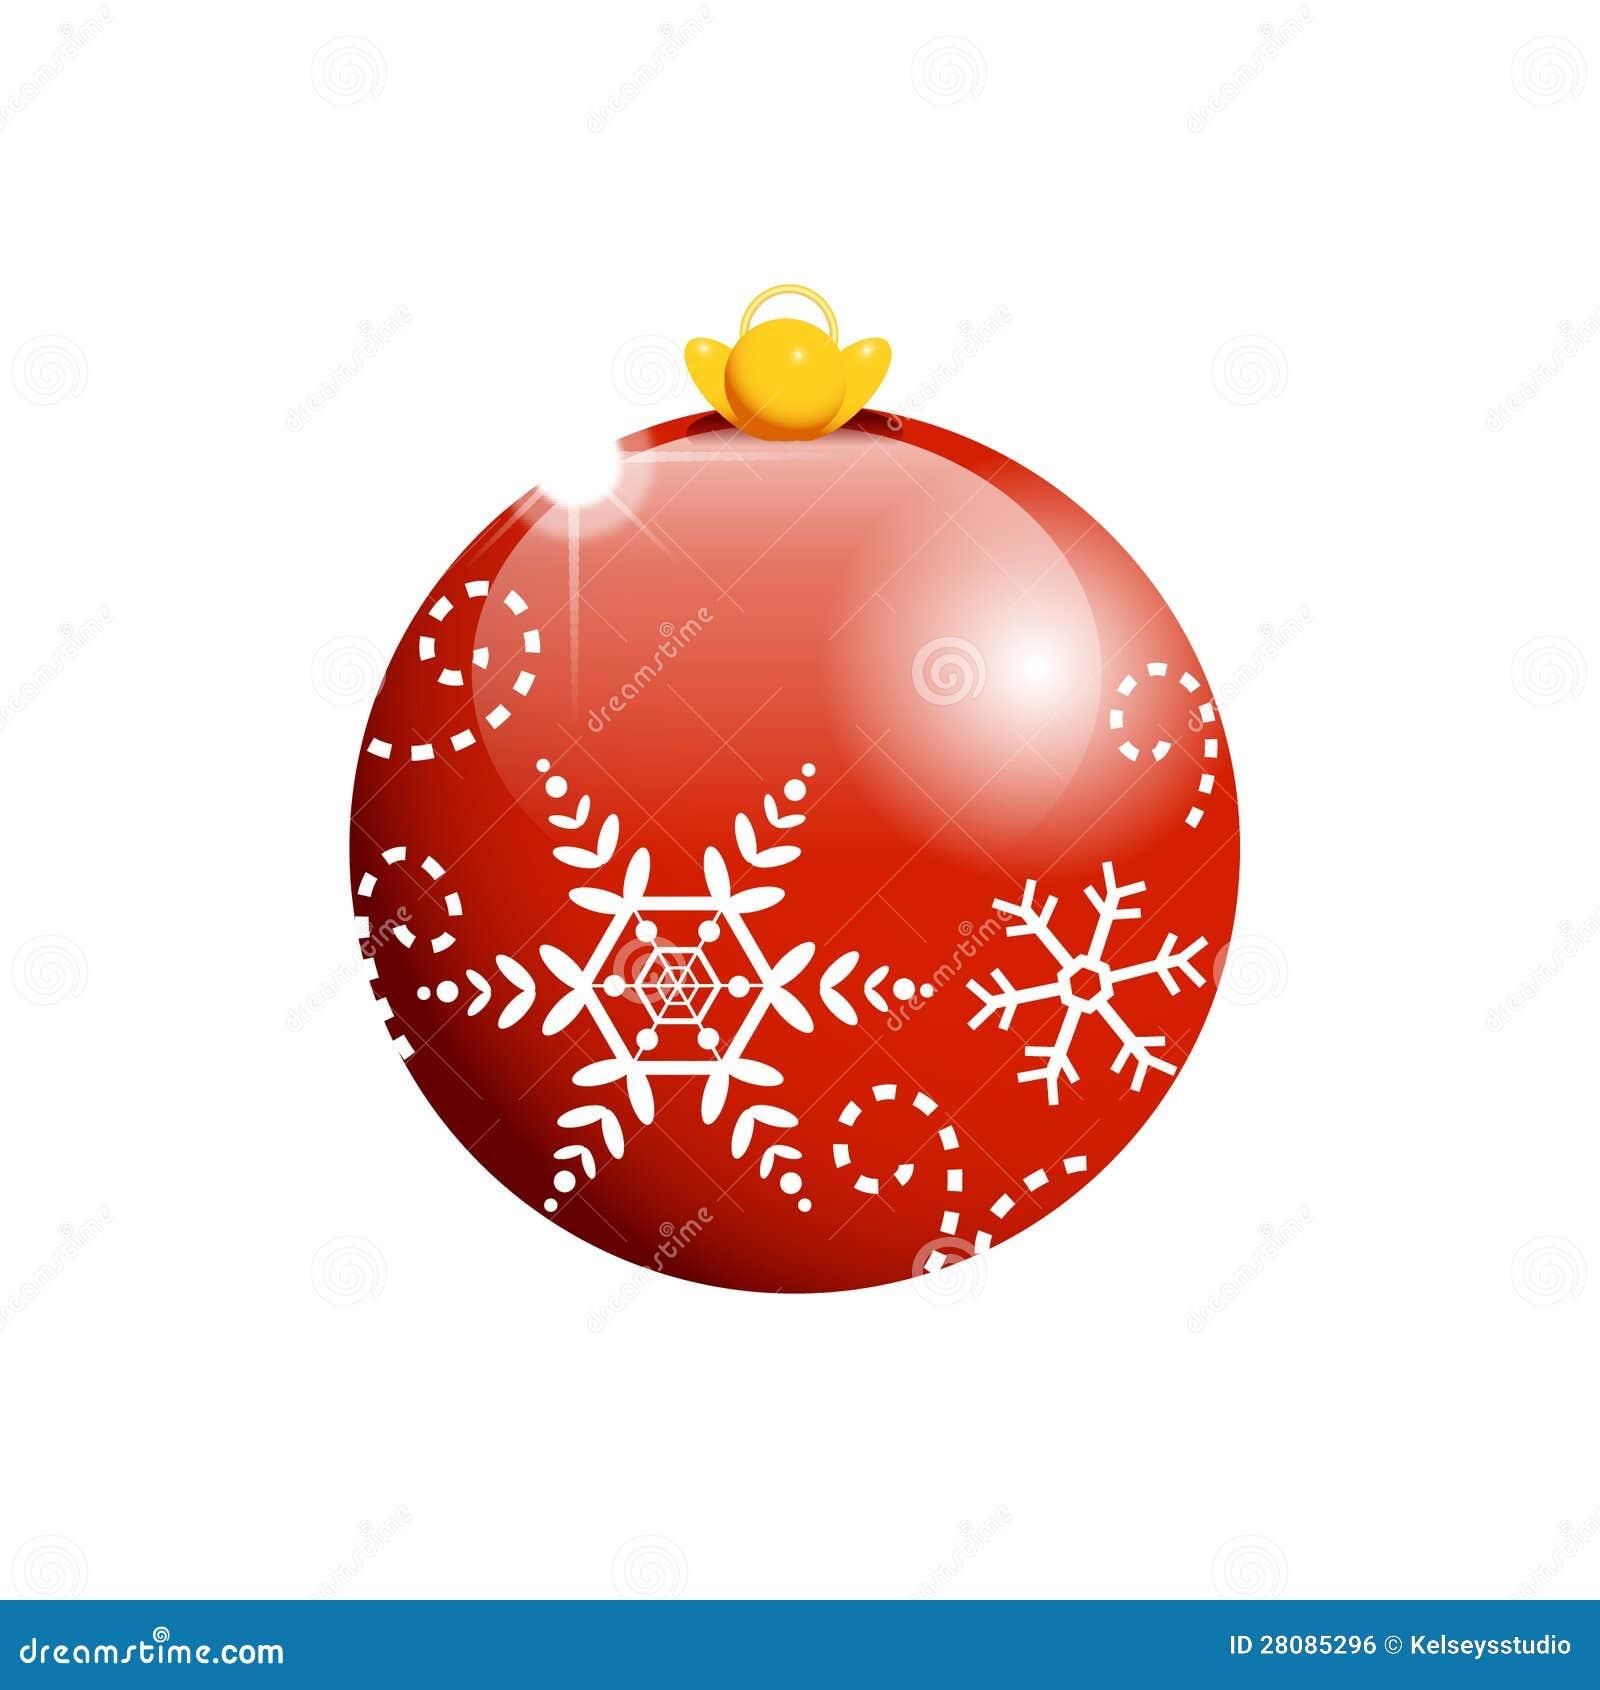 Clipartonl bietet Ihnen Cliparts in viele interessante Kategorien unterteilt Besonders beliebt sind die Festtage Clipart wie Weihnachten Bilder Ostern Clip Art zur Hochzeit oder zum GeburtstagOft werden mit diesen Illustrationen Einladungskarten oder Geburtstagskarten aufgewertet